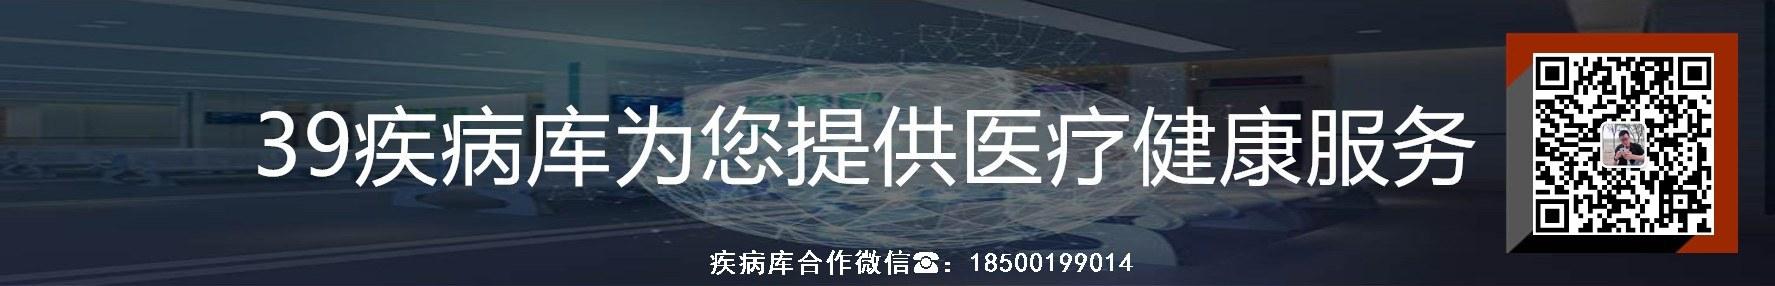 郑州精神疾病医院